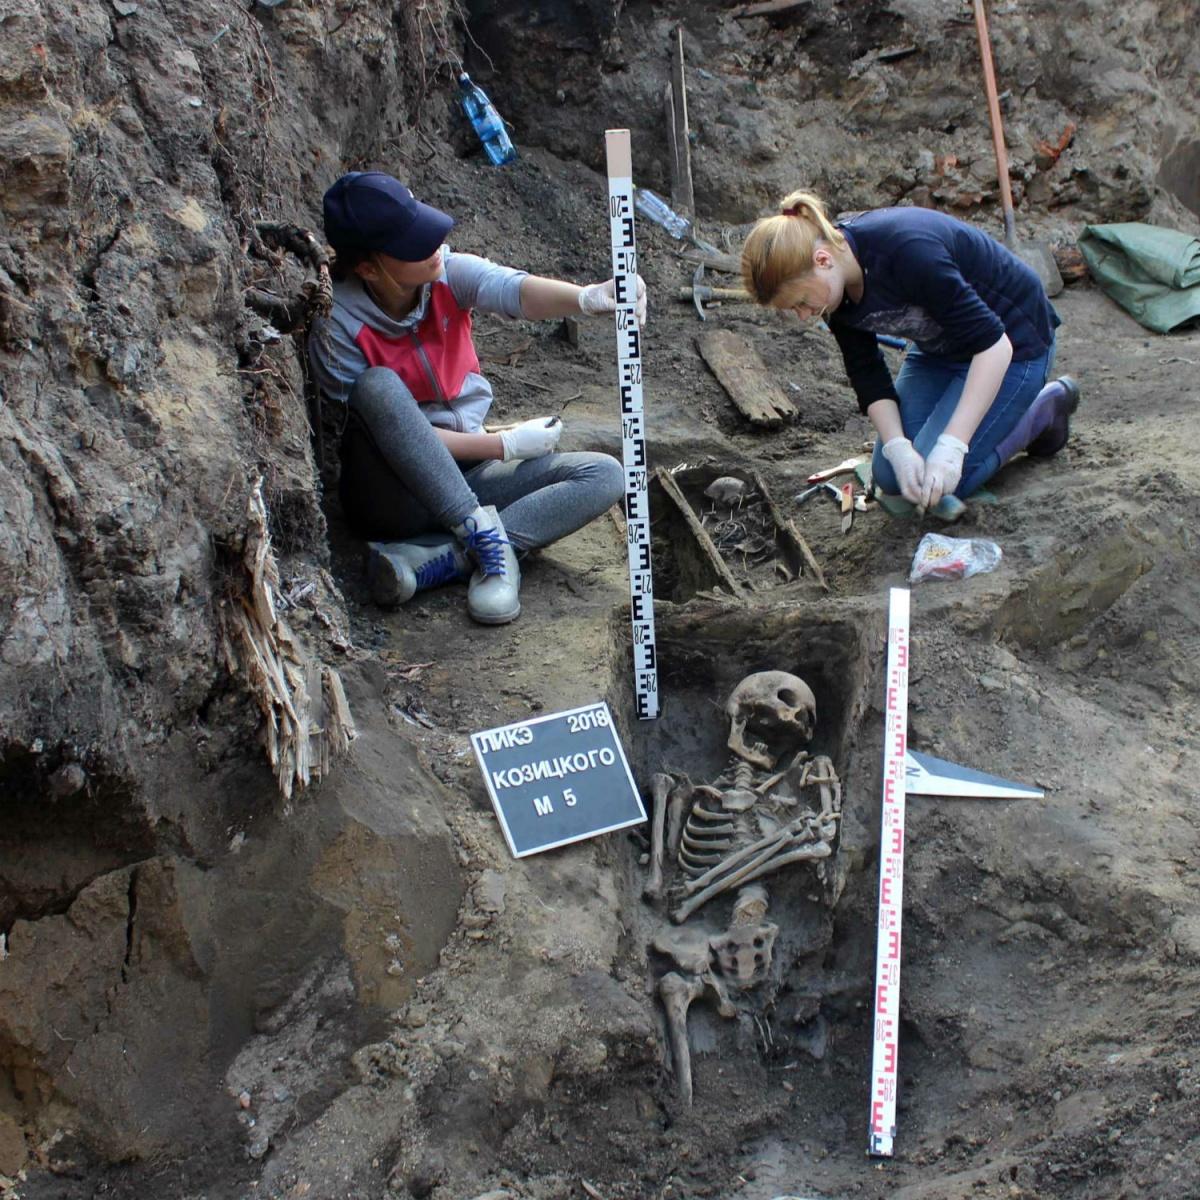 Над скелетом взрослого человека можно разглядеть небольшой гробик с останками поменьше